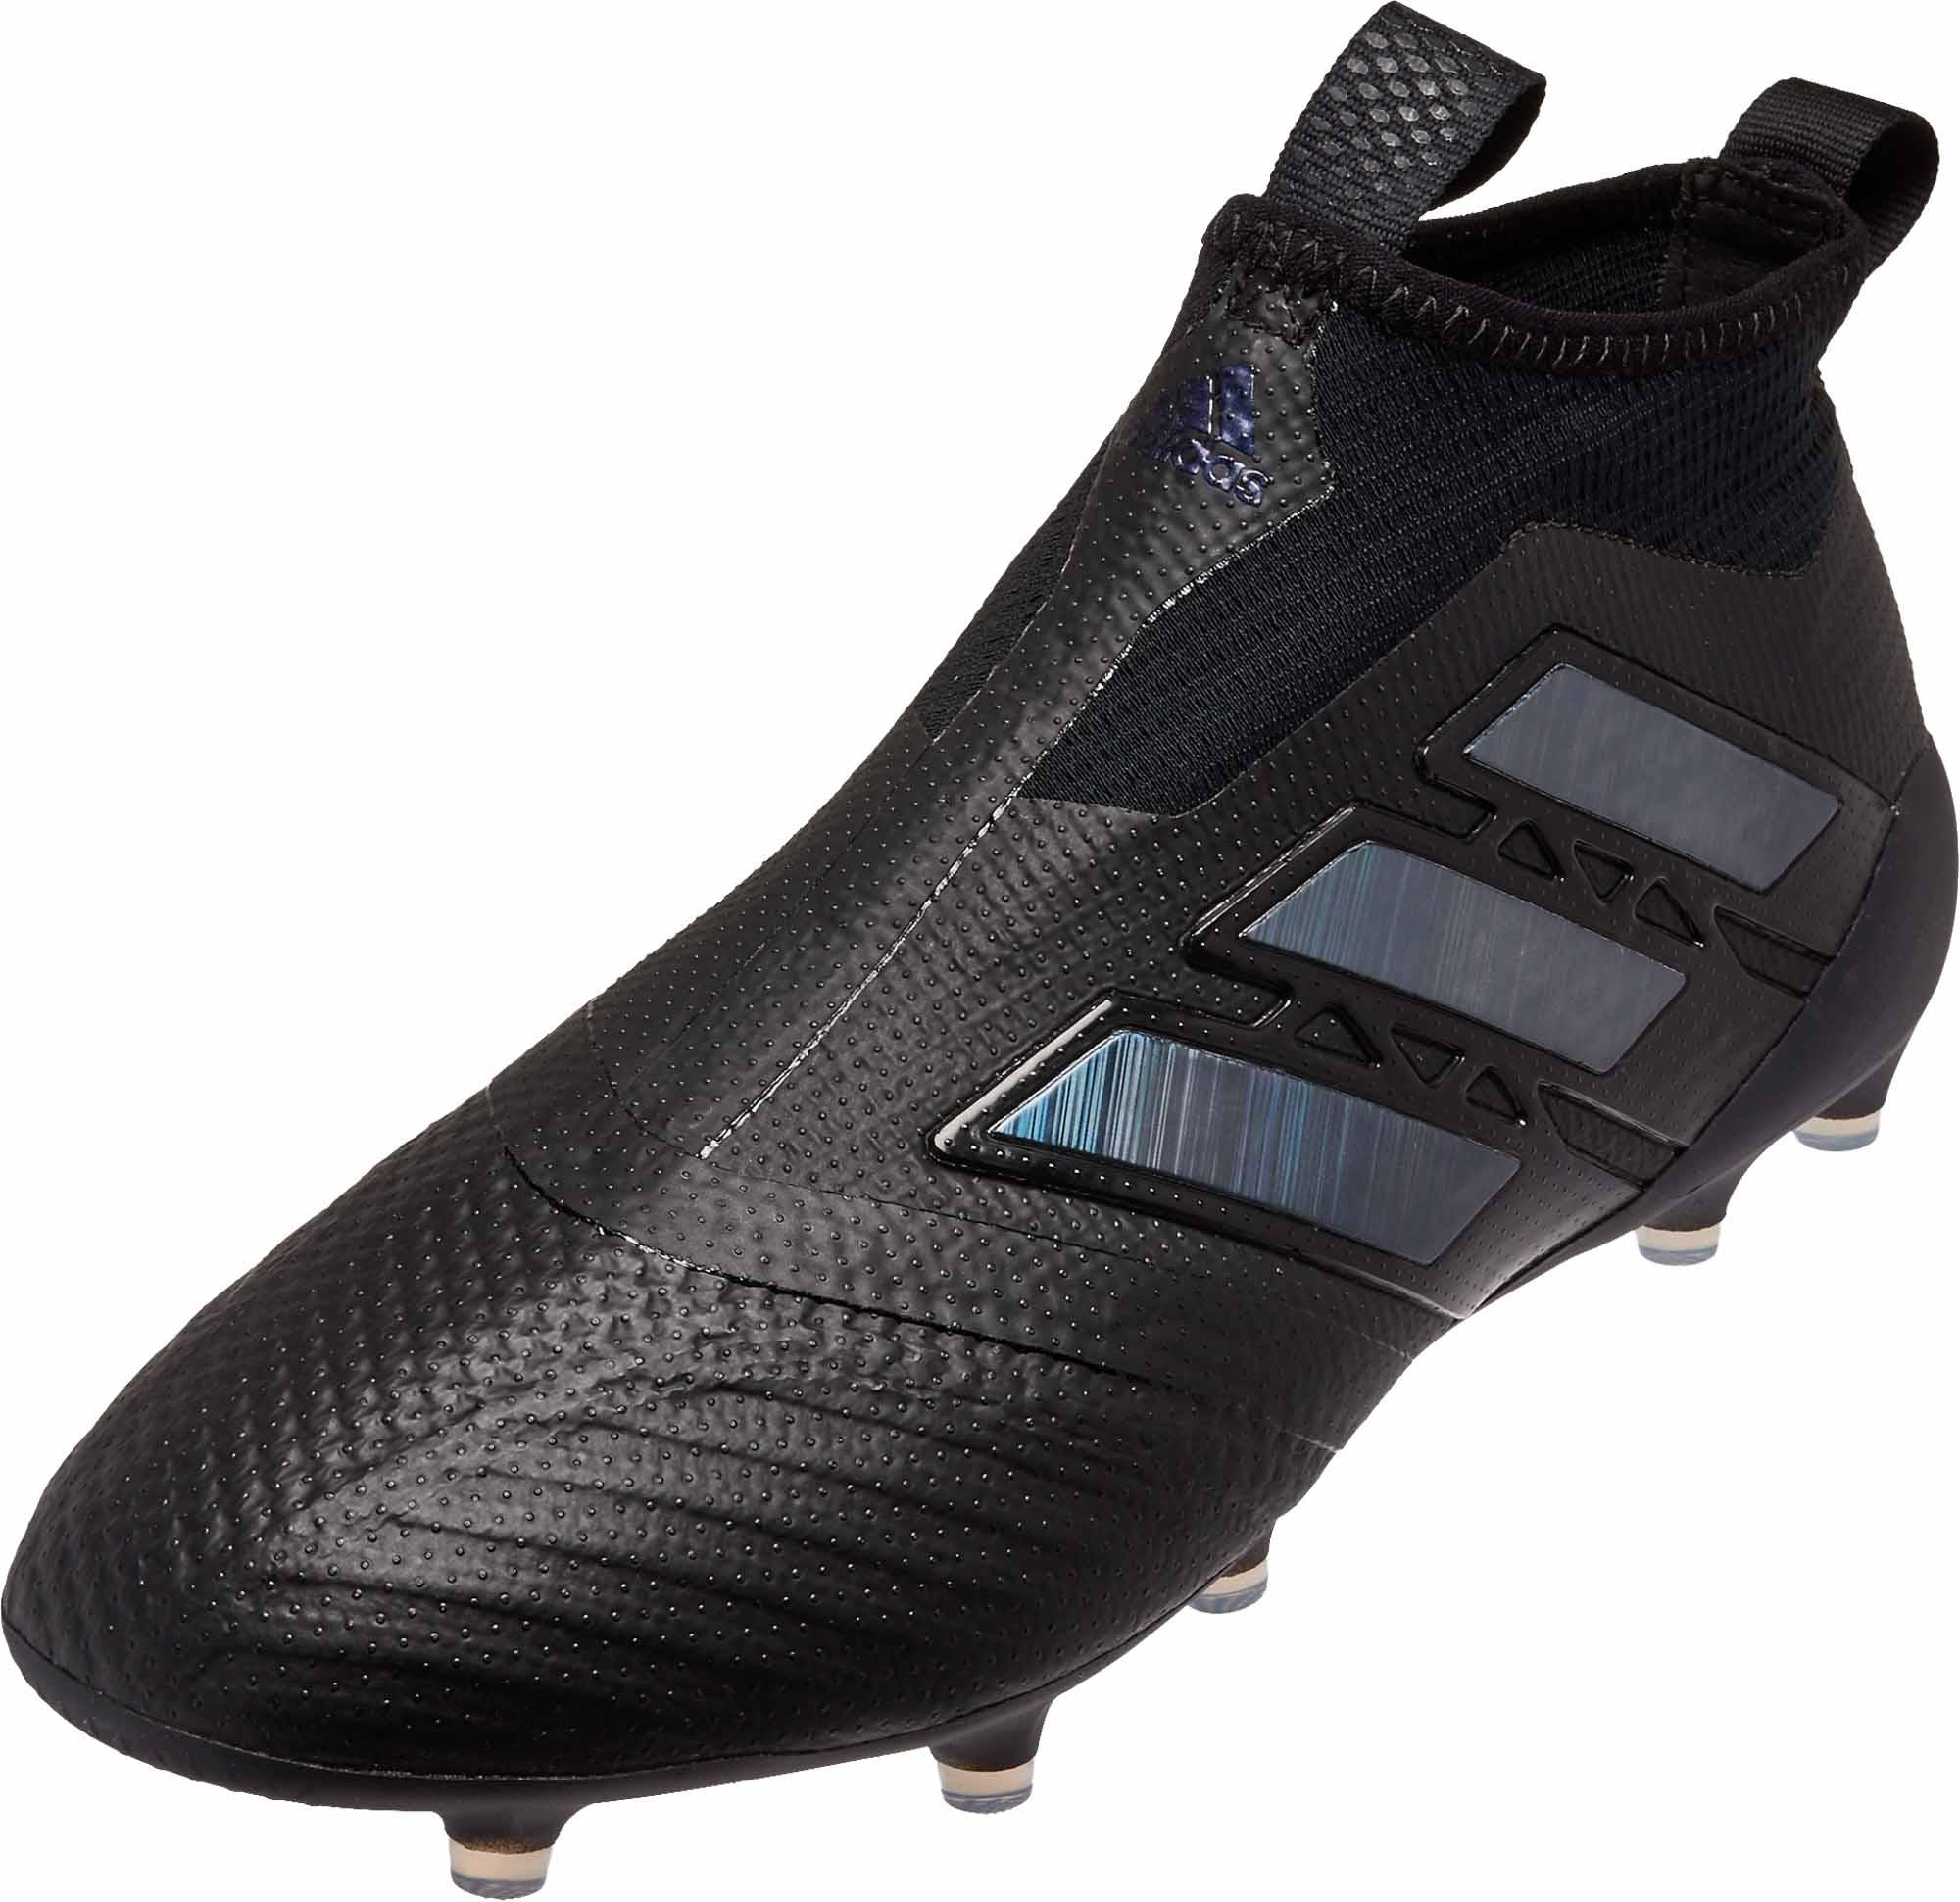 7387c78e7 adidas ACE 17 Purecontrol FG – Black/Utility Black